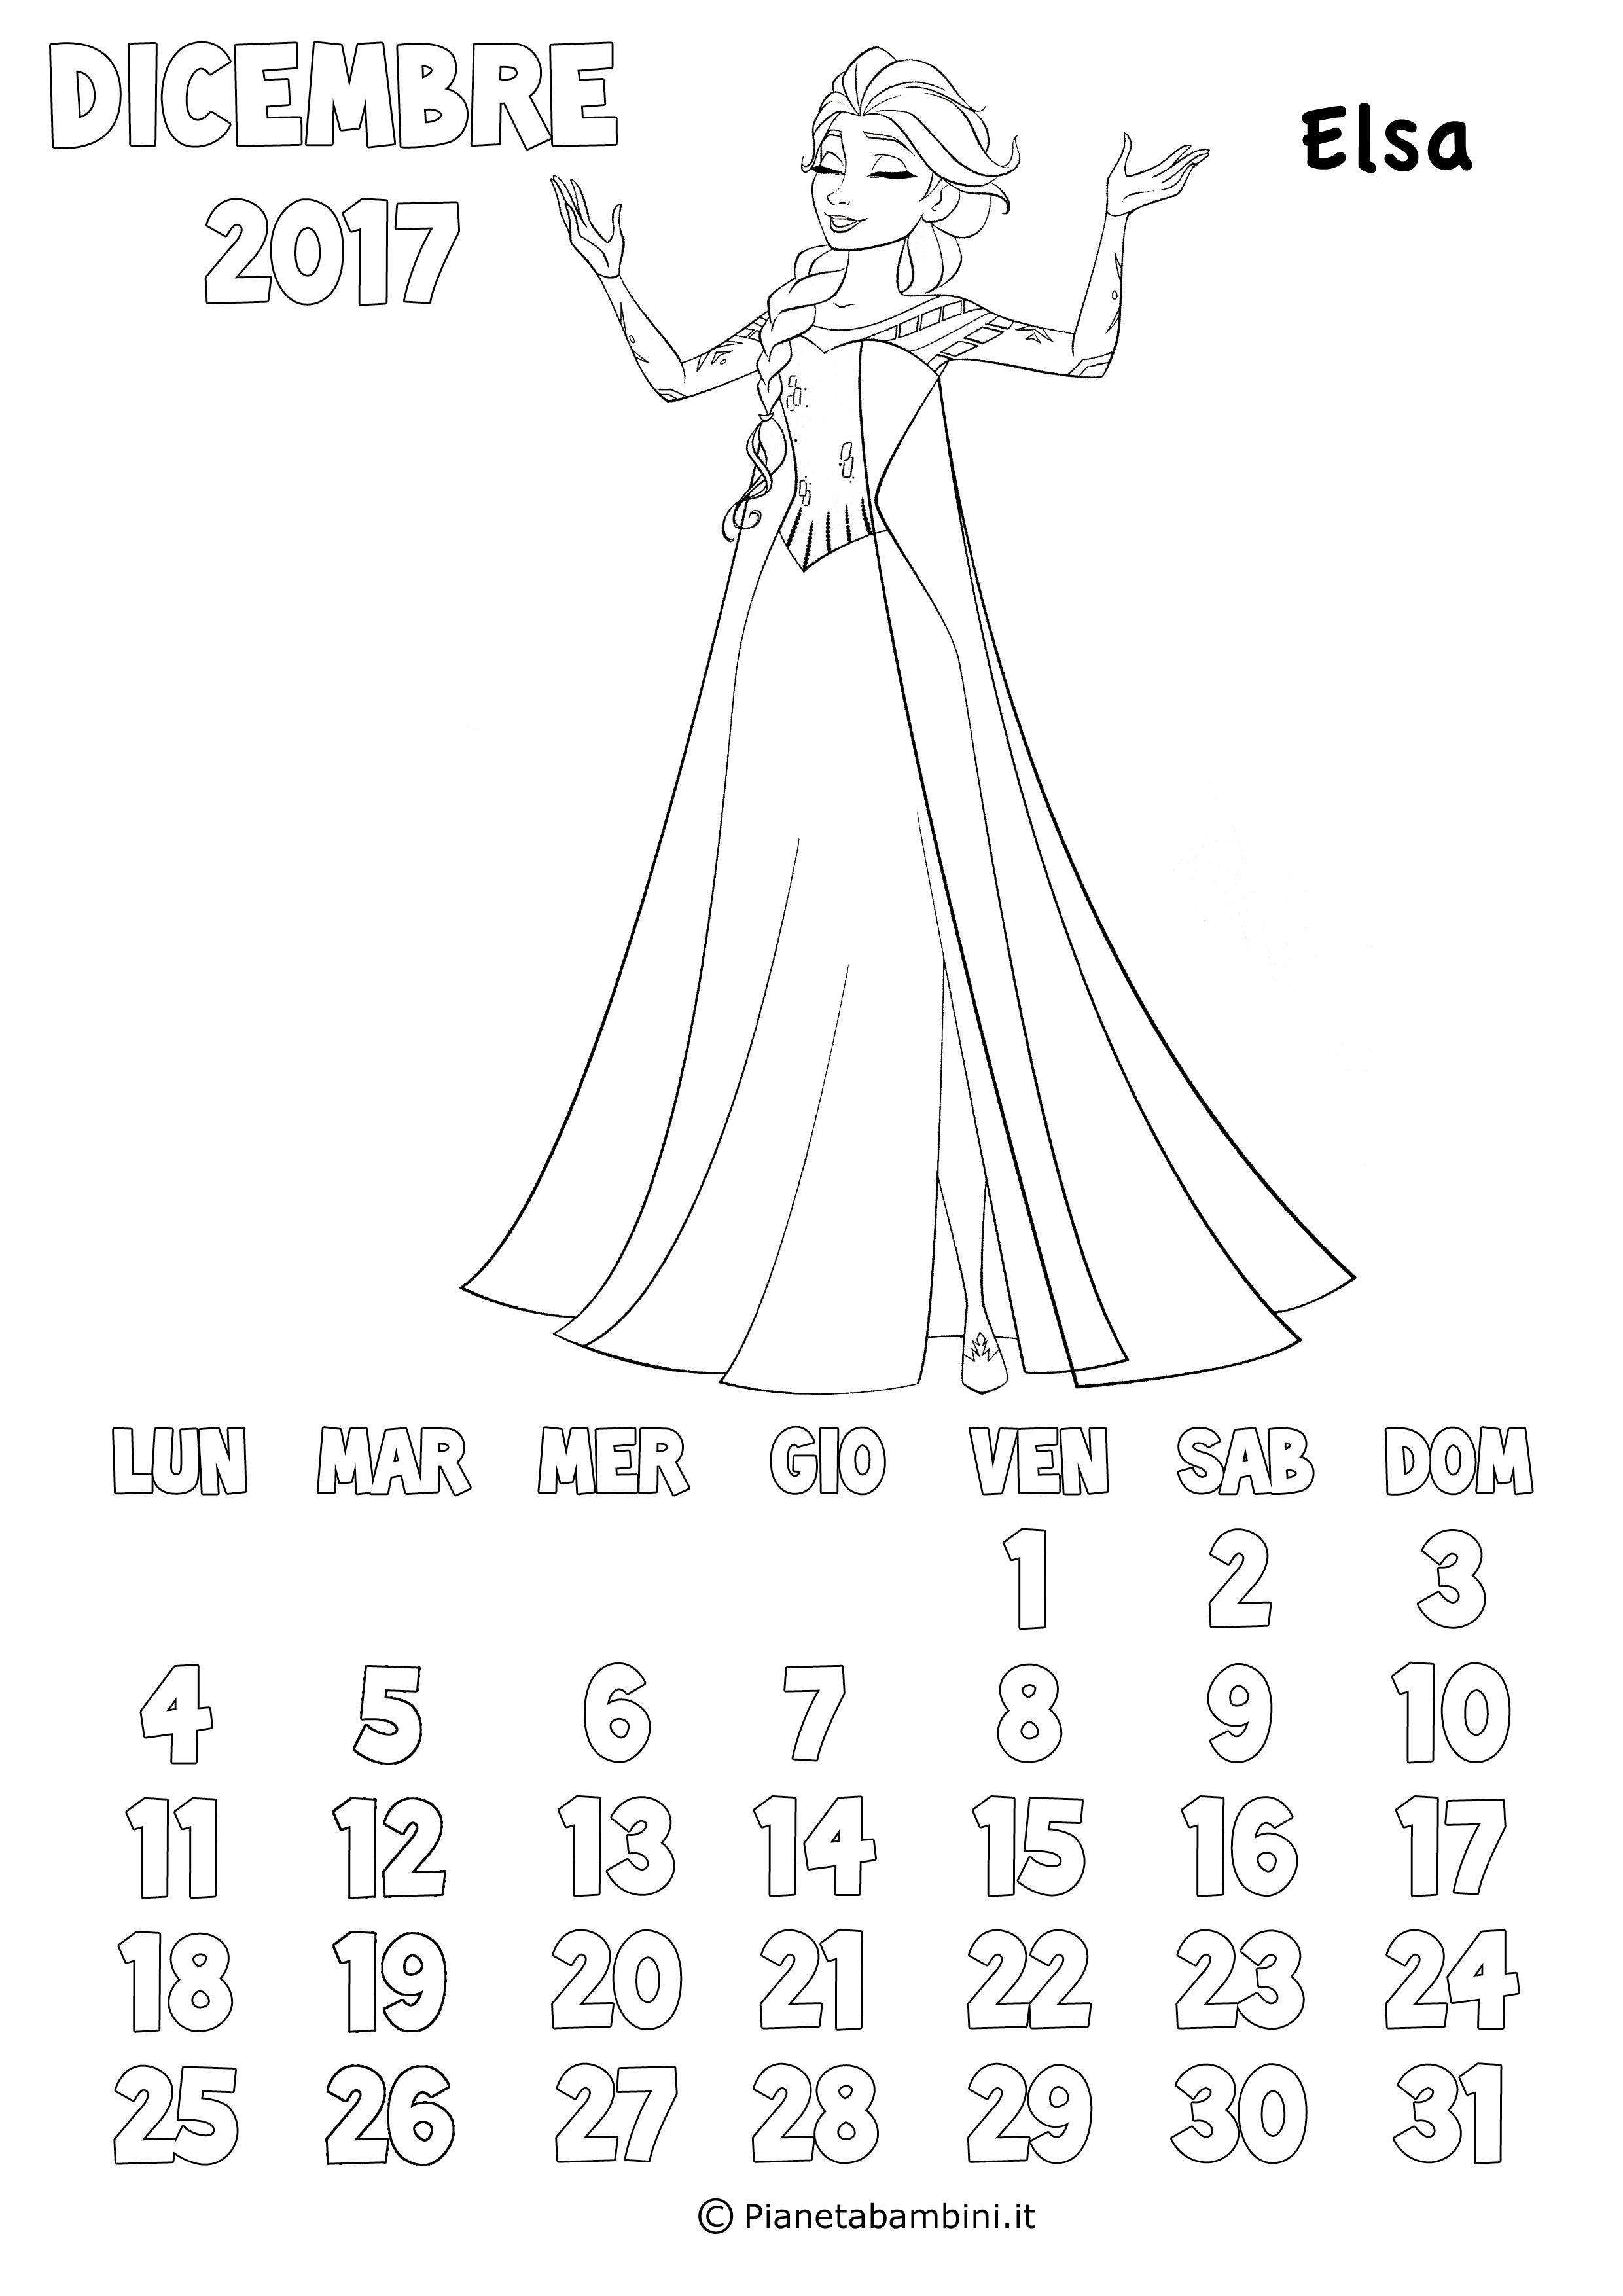 dicembre-2017-elsa